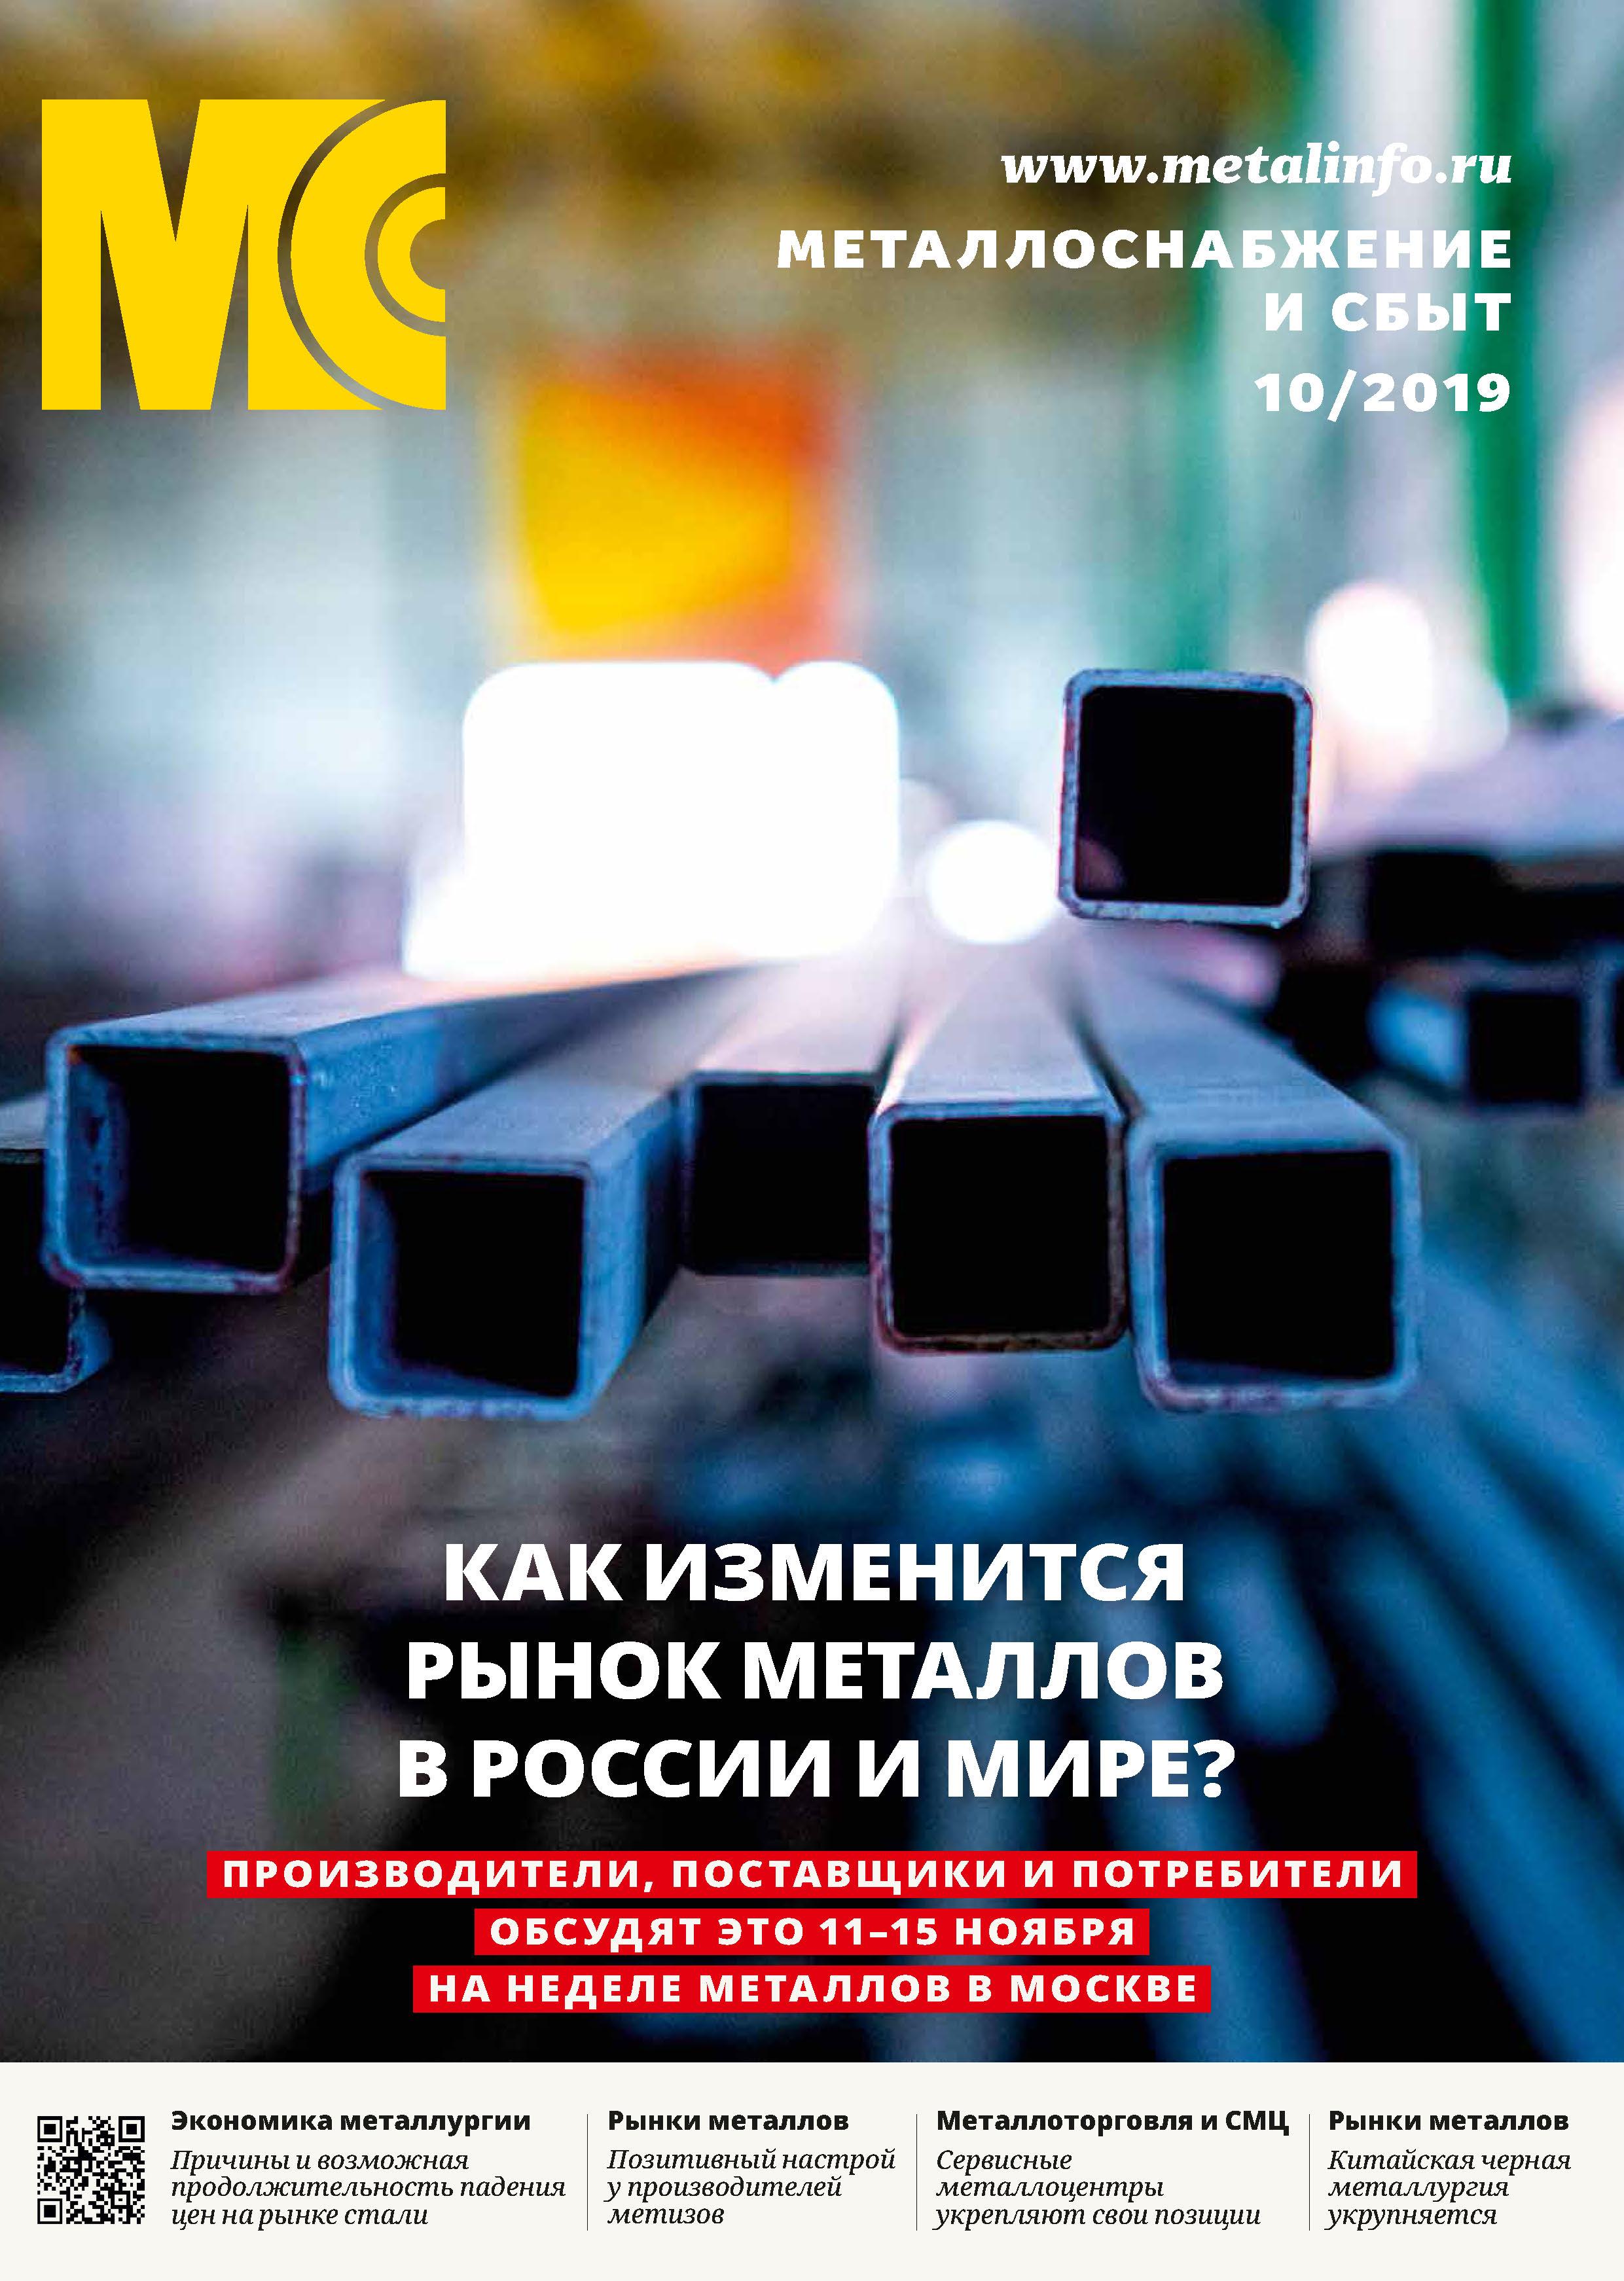 Металлоснабжение и сбыт №10/2019